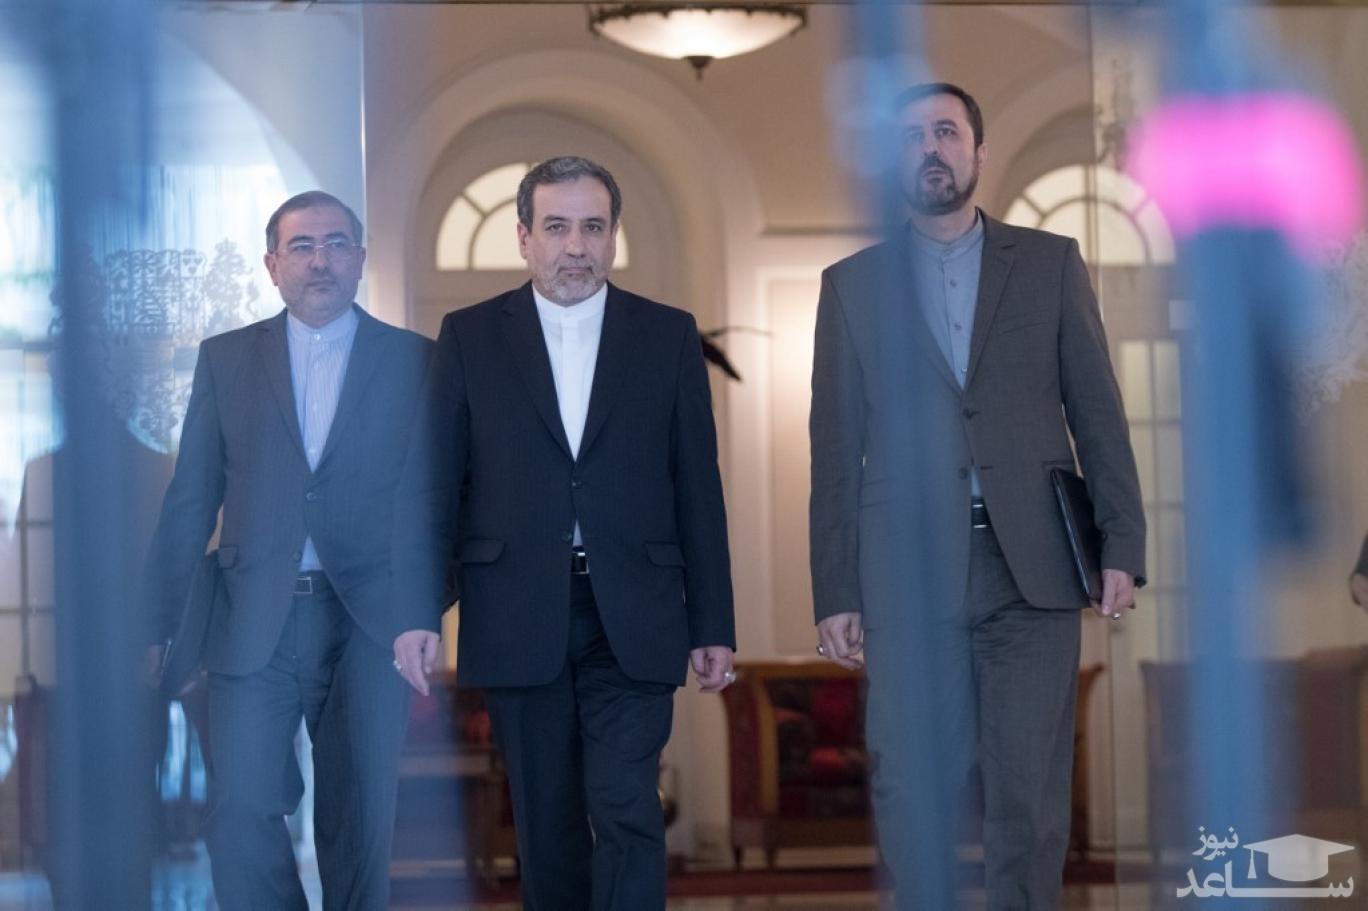 روحانی نقشه مخالفان مذاکره را خنثی کرد